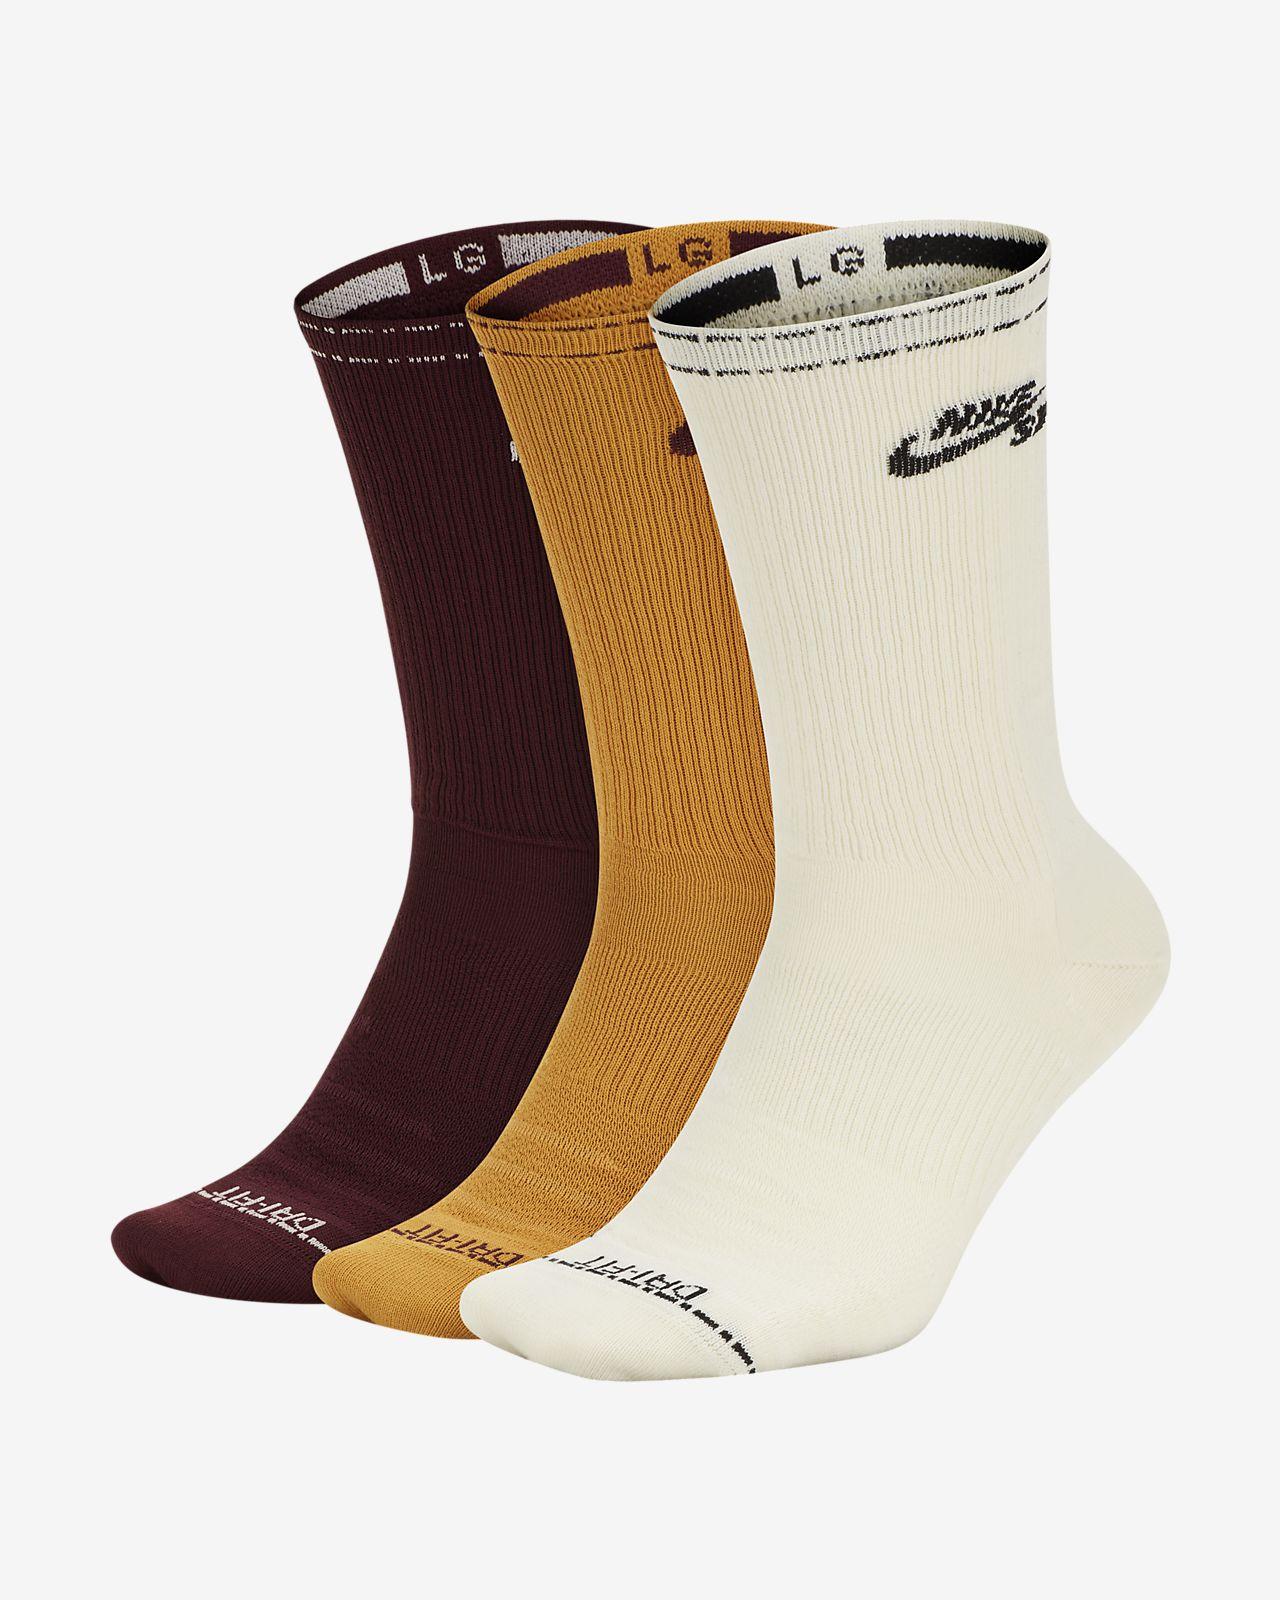 Calze da skateboard di media lunghezza Nike SB Everyday Max Lightweight (3 paia)